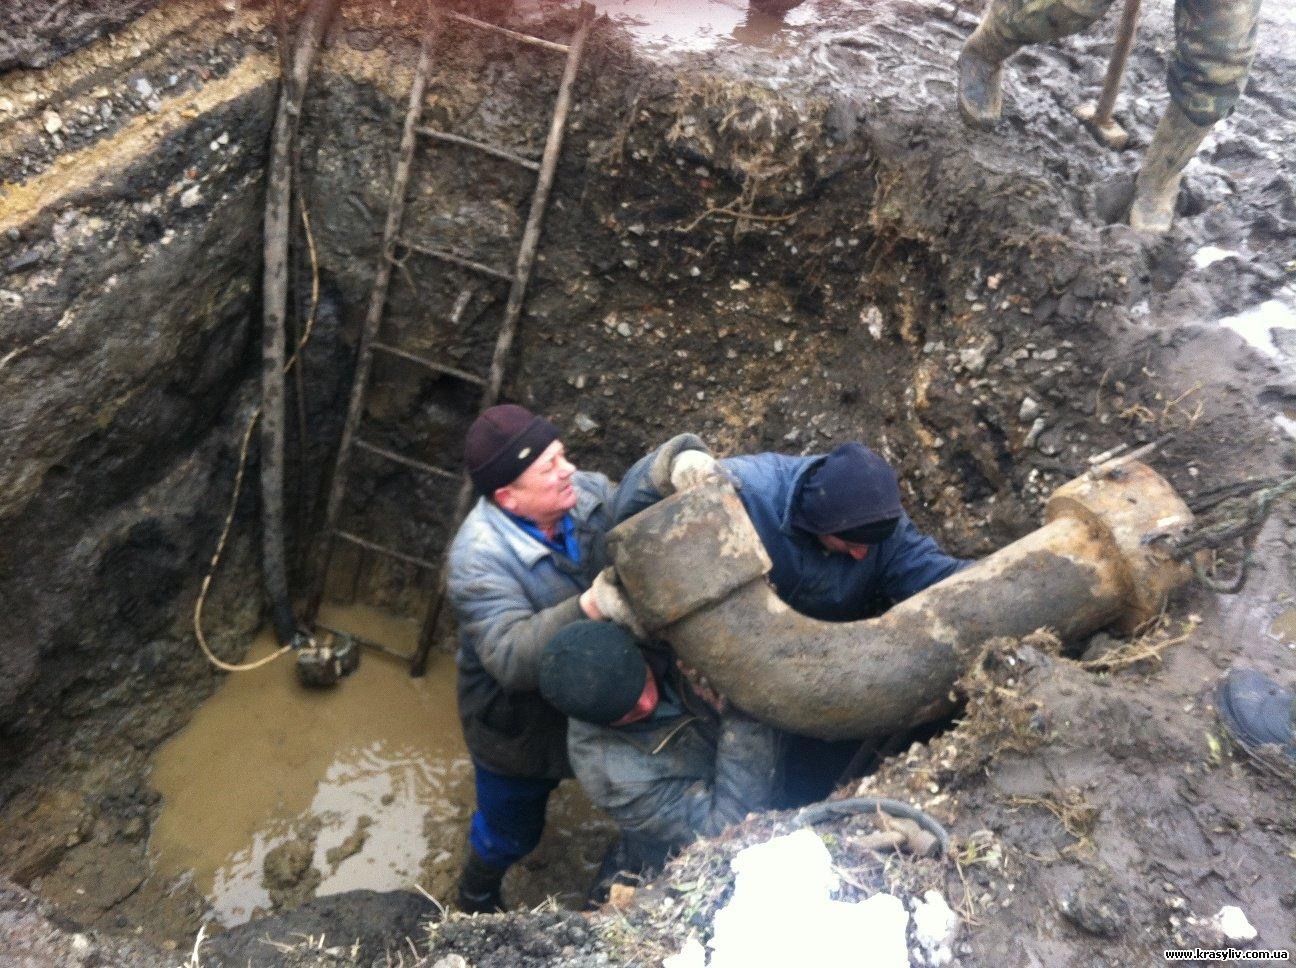 Подъезды жилых домов затопило из-за дорожной аварии наводопроводе